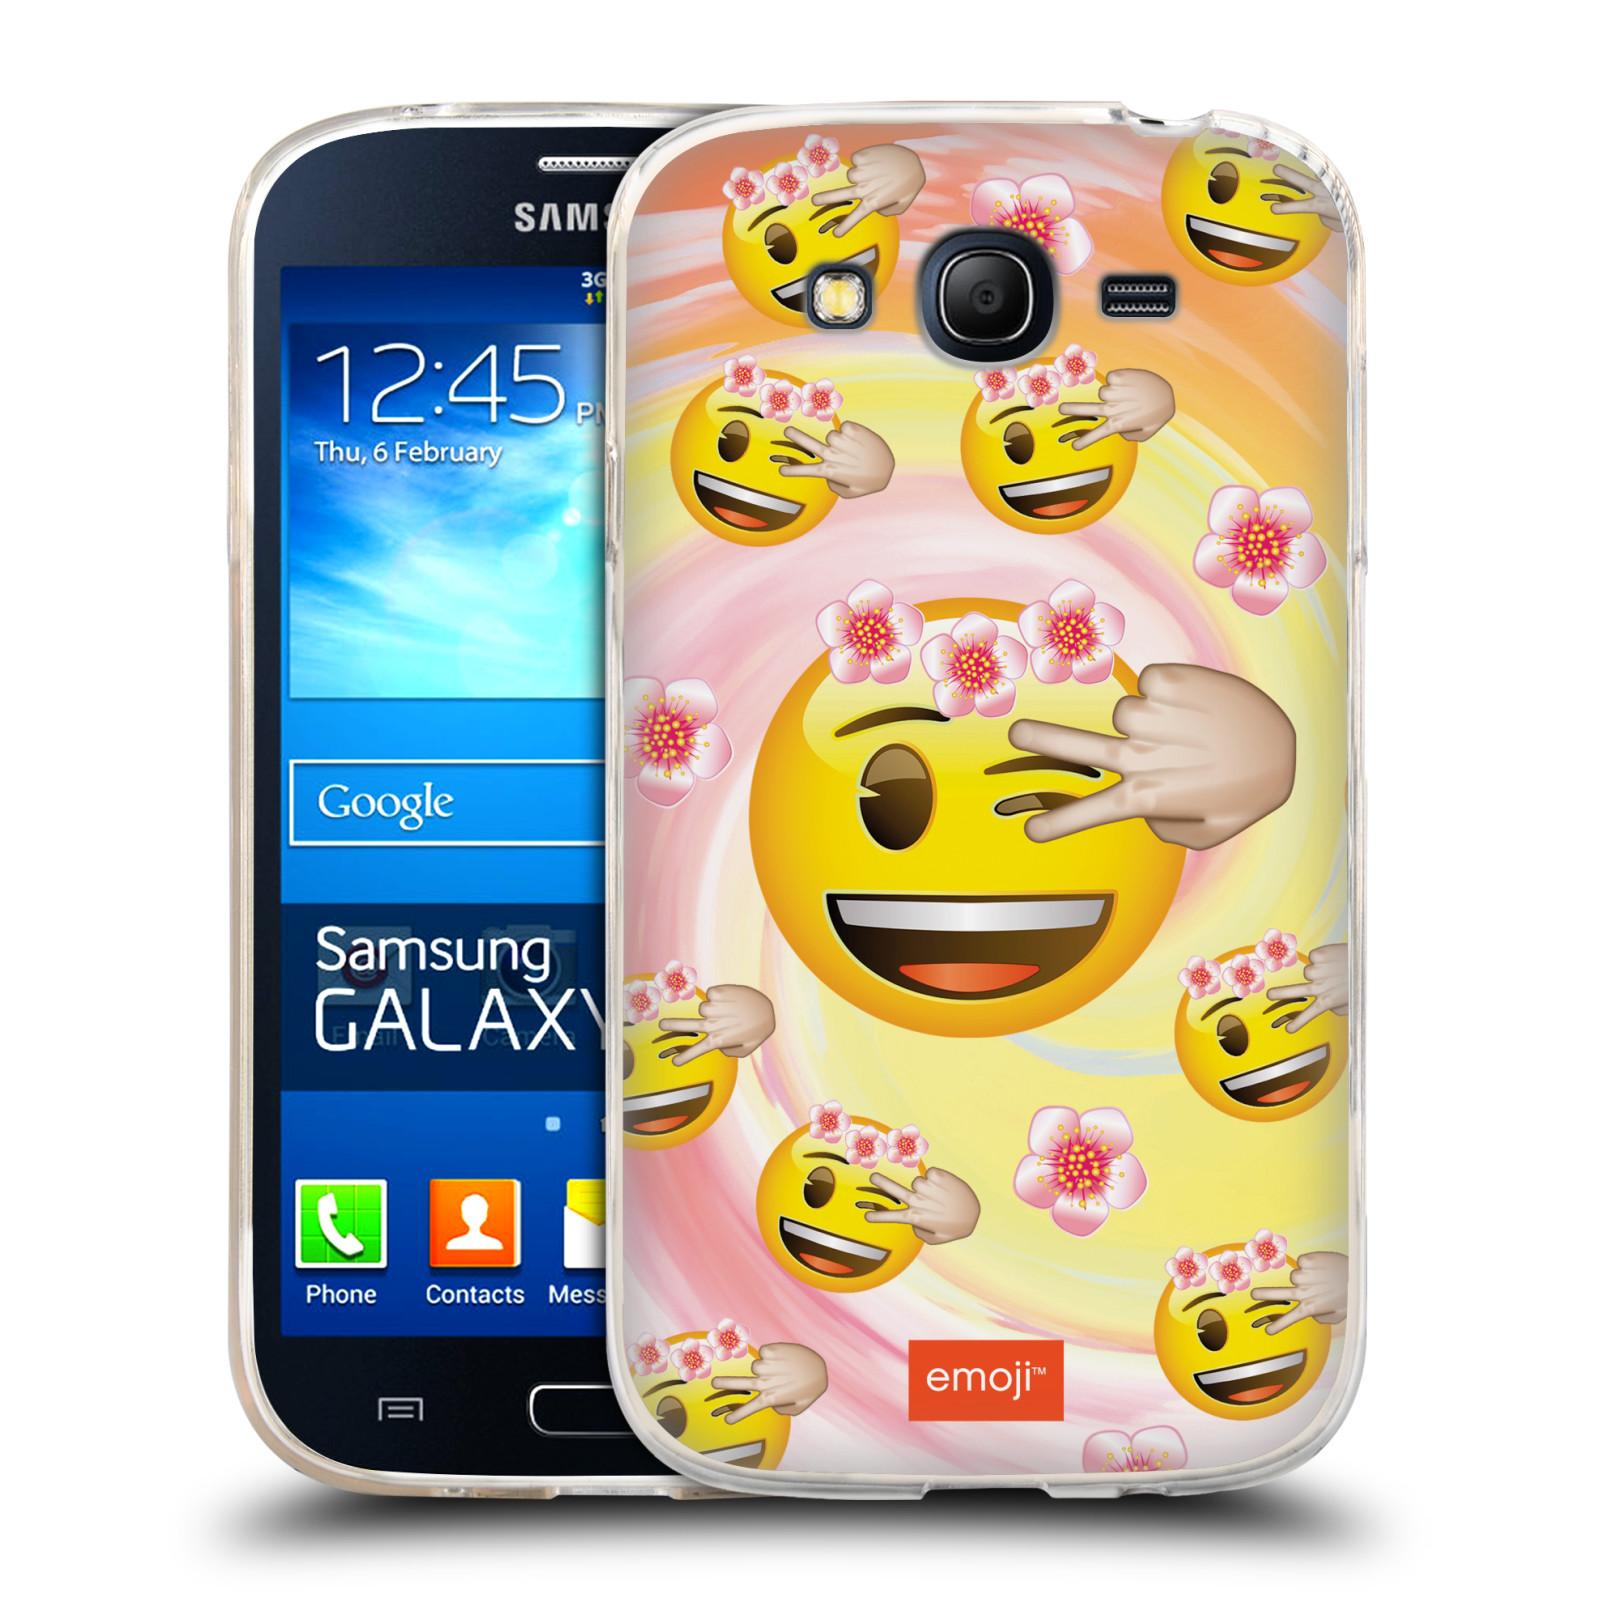 Silikonové pouzdro na mobil Samsung Galaxy Grand Neo Plus HEAD CASE EMOJI - Mrkající smajlíci a kytičky (Silikonový kryt či obal s oficiálním motivem EMOJI na mobilní telefon Samsung Galaxy Grand Neo Plus Duos GT-I9060i)